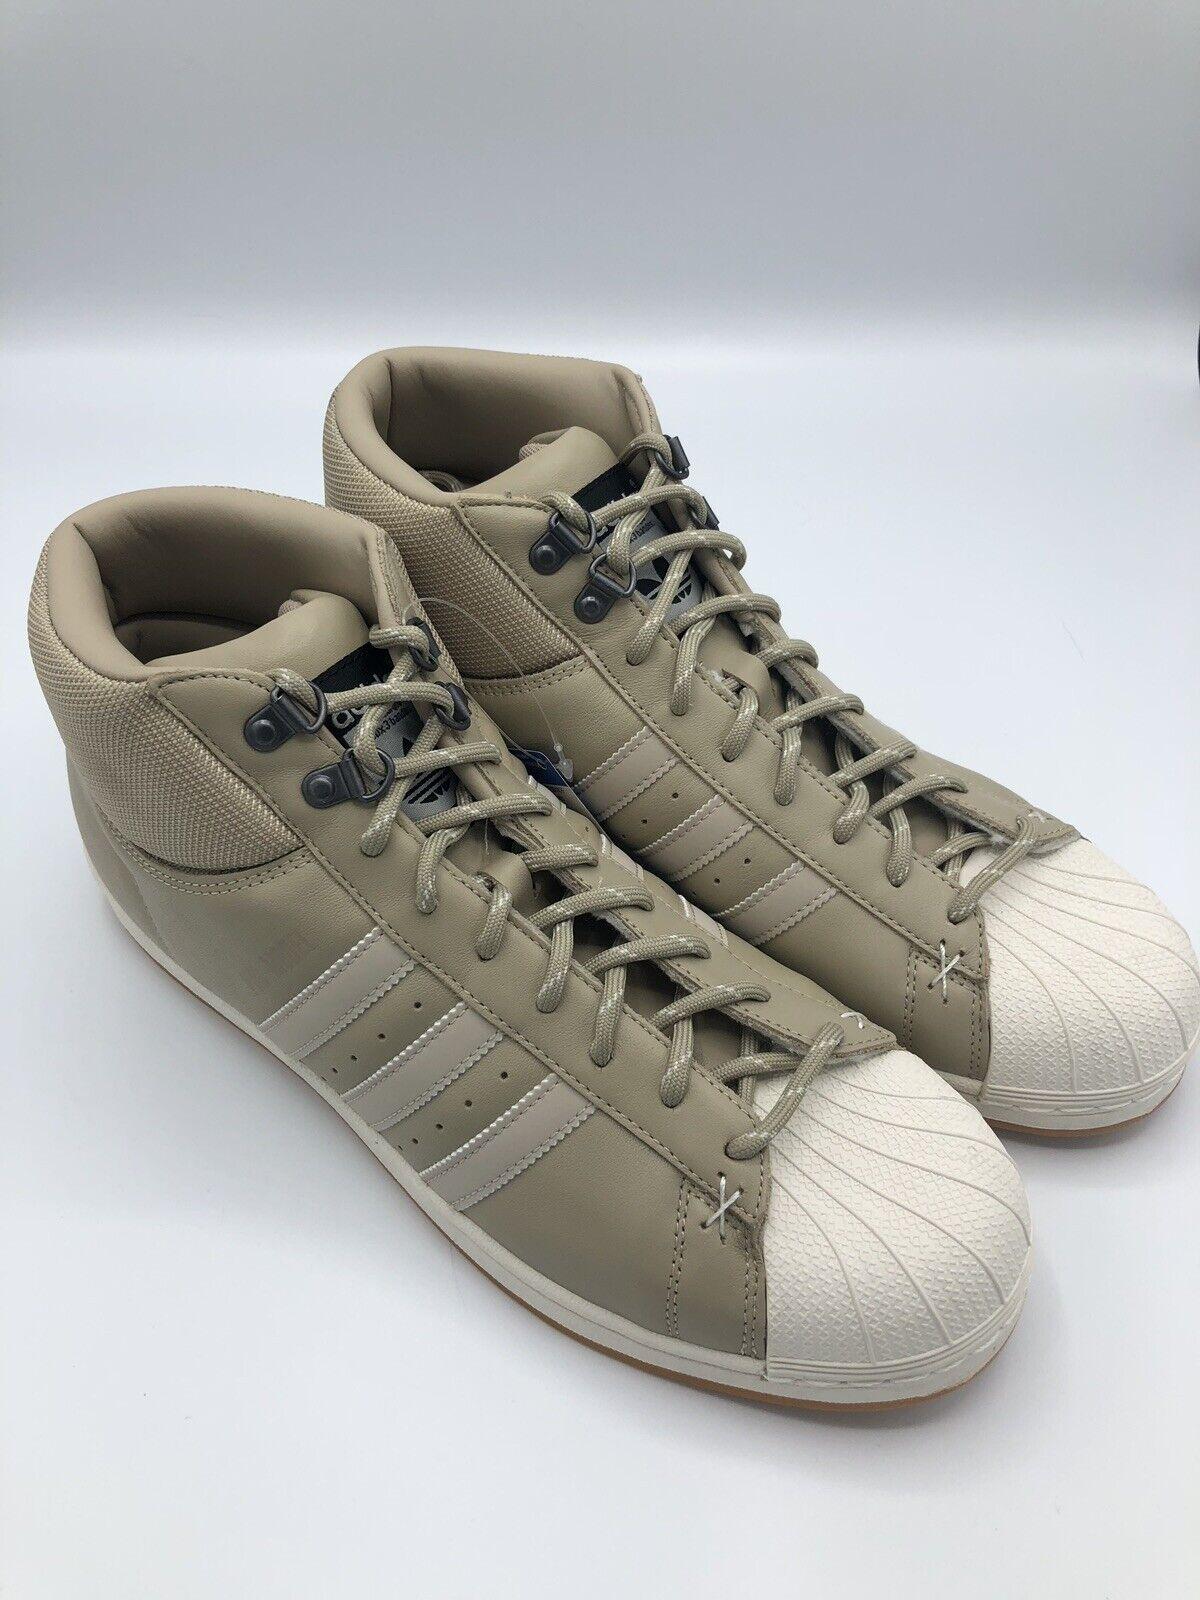 Adidas Pro shoes Model BT Hi Top Men Size 11.5 B39509 Originals Superstar Cream